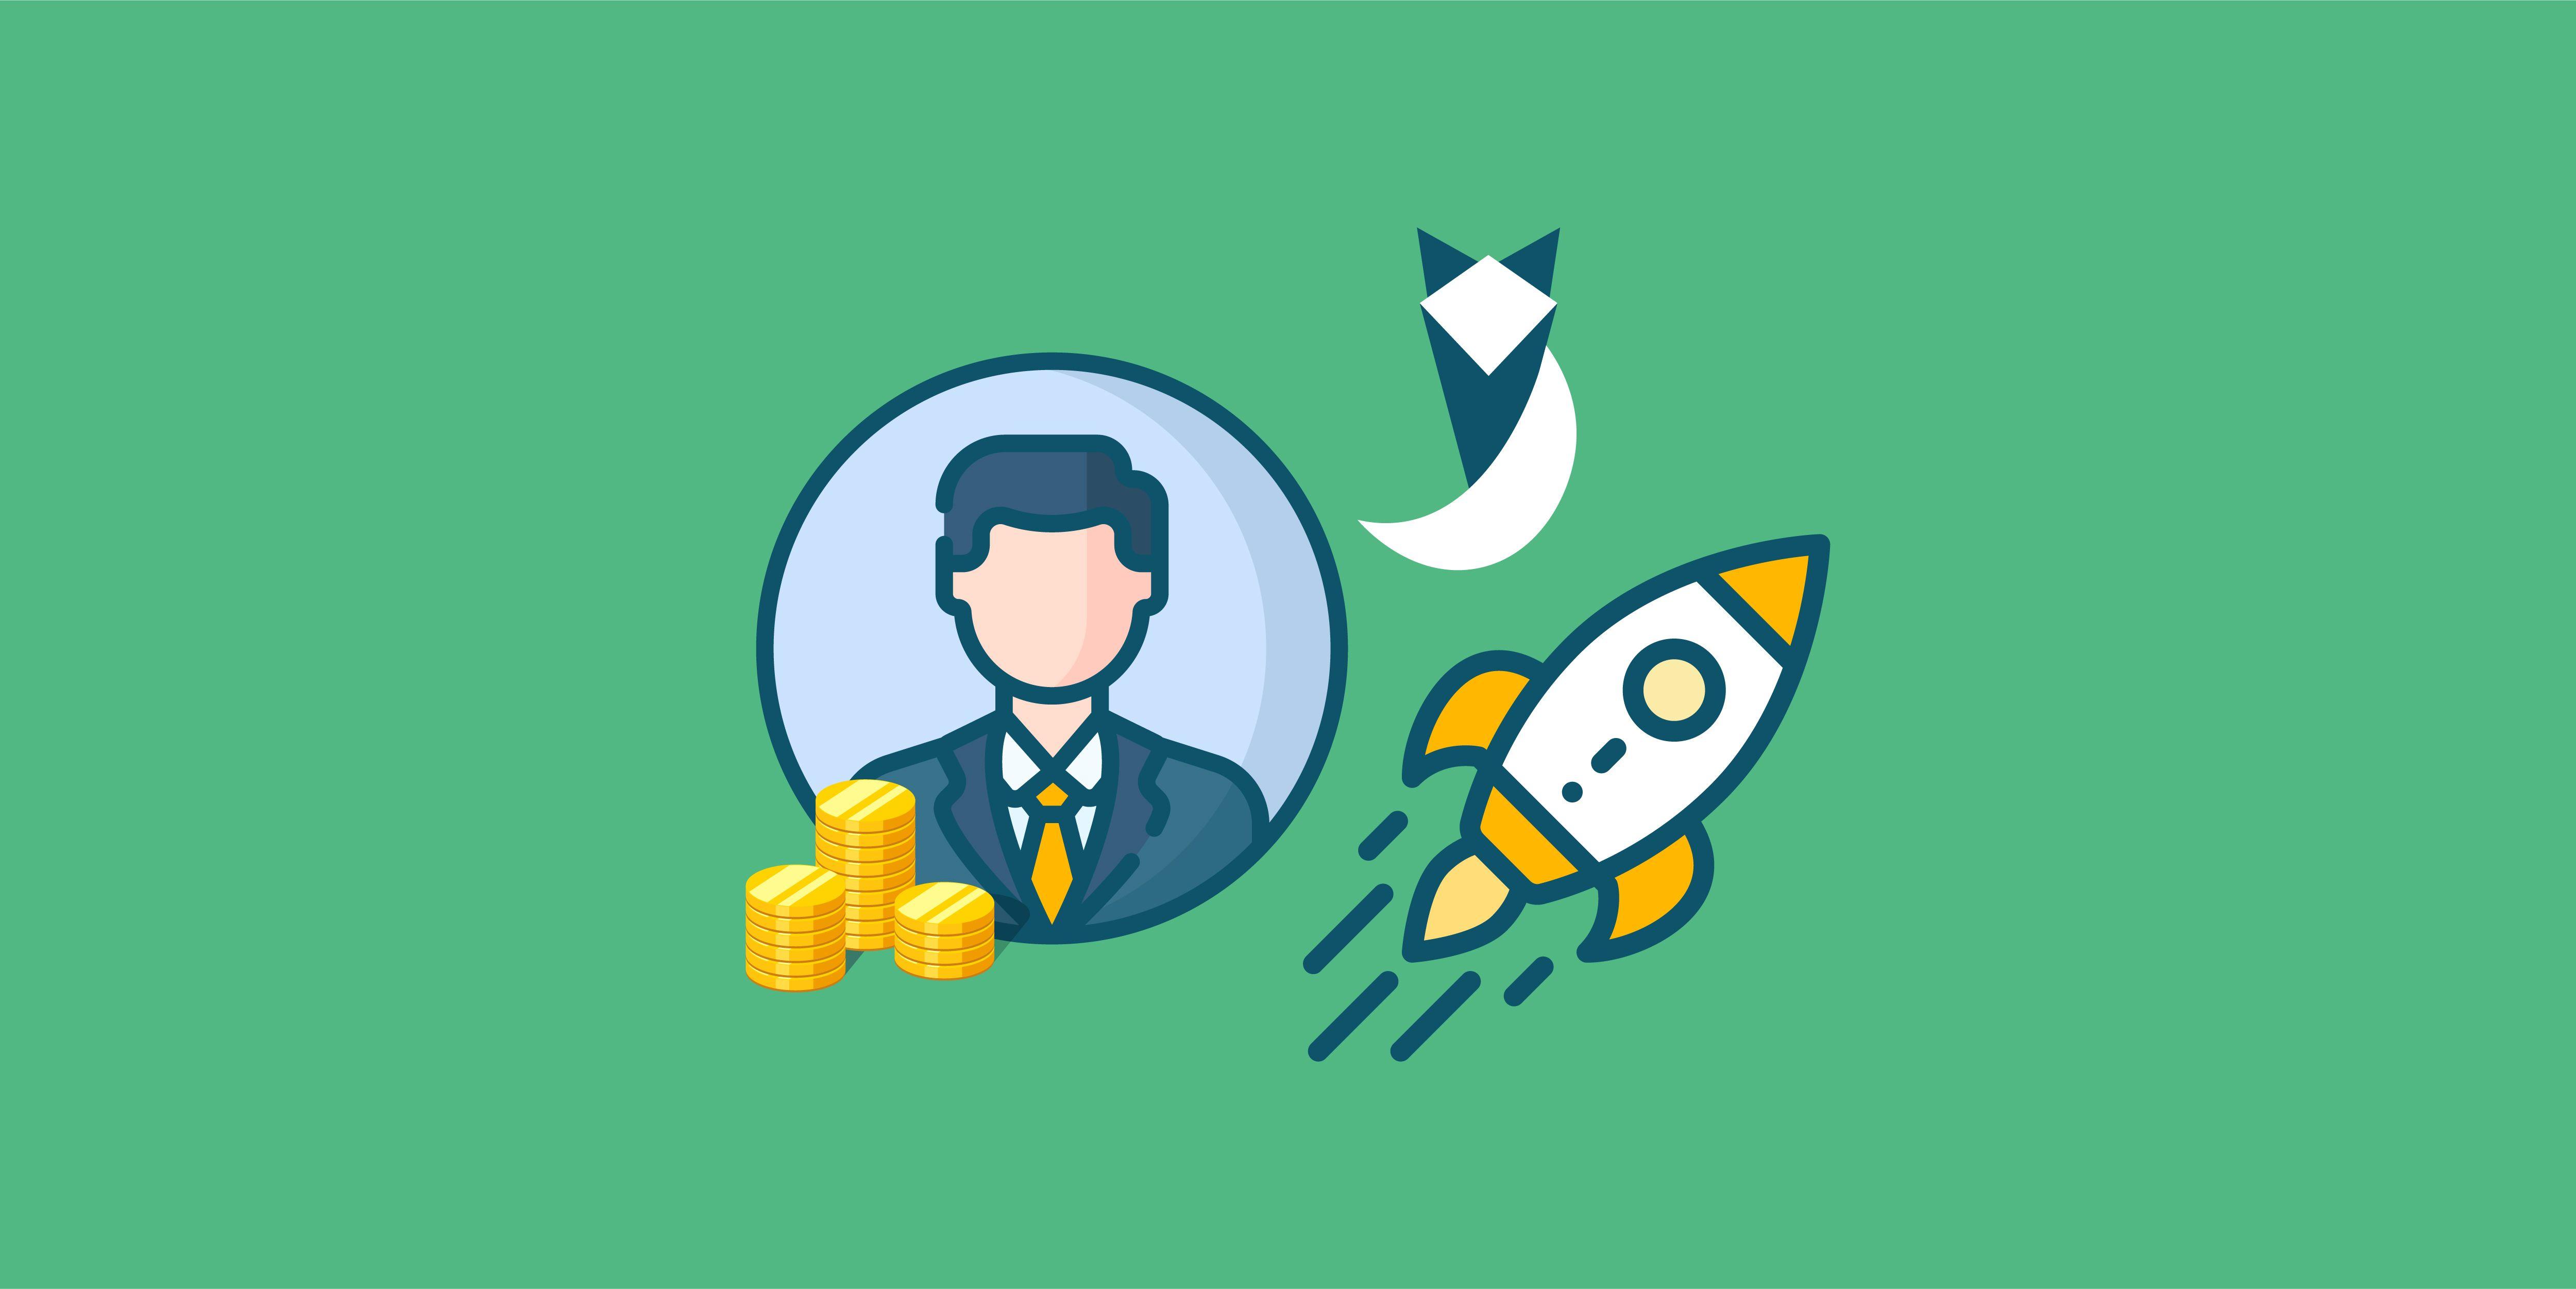 ازاي تبقى صاحب شركة ناشئة / Startup ناجحة: التكنولوجيا!